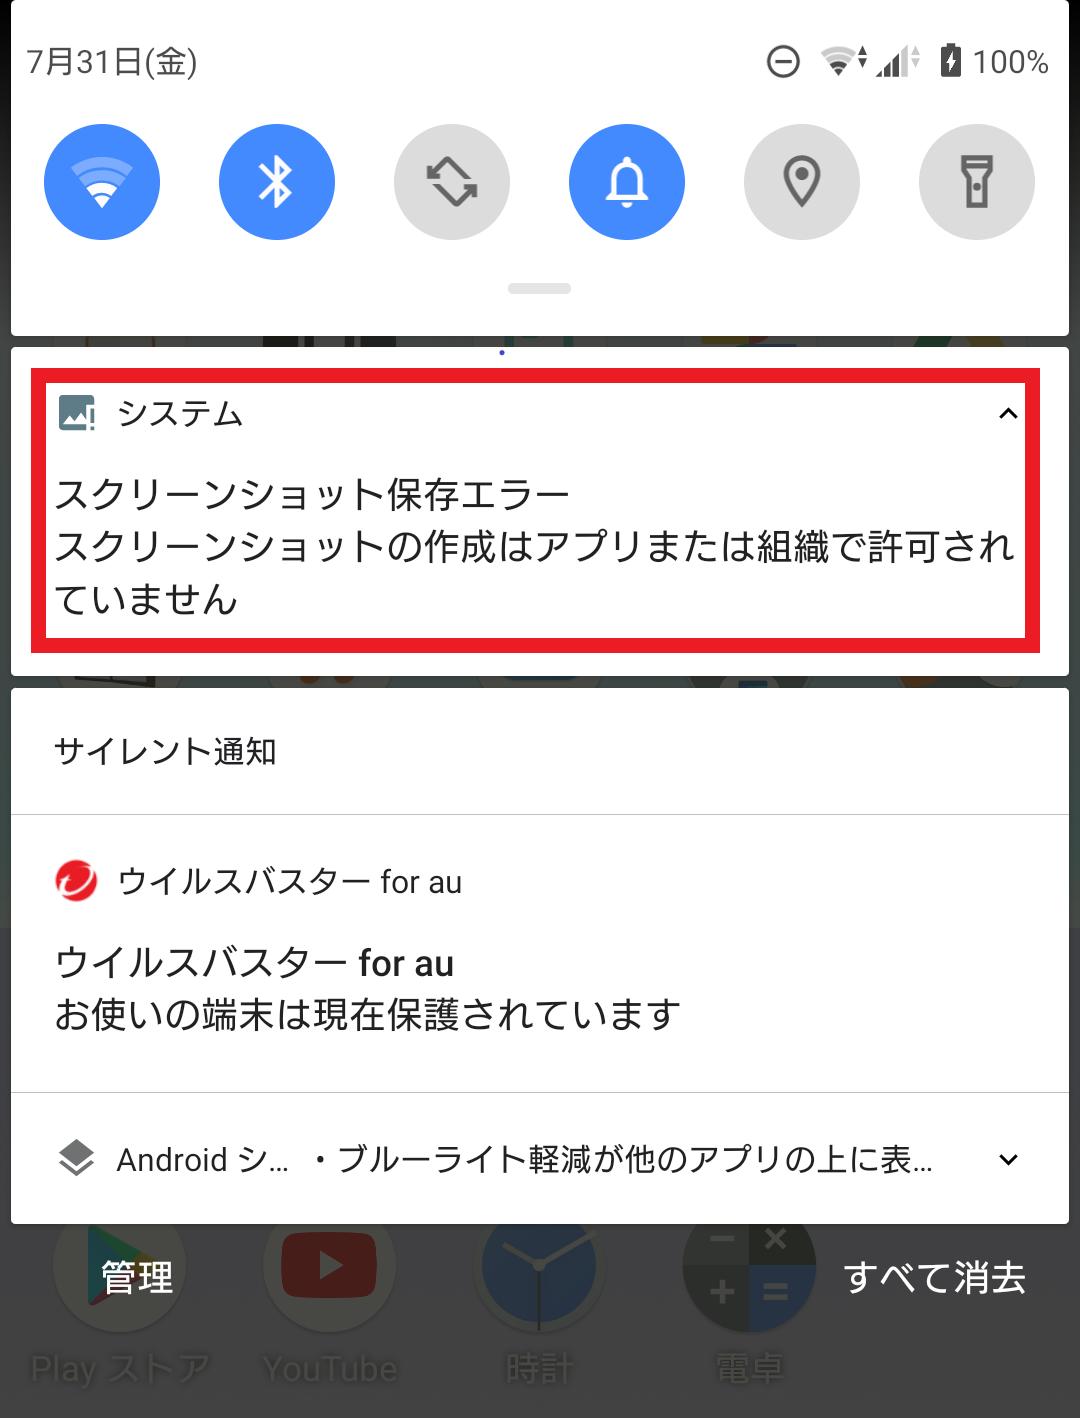 ネクスト アプリ H